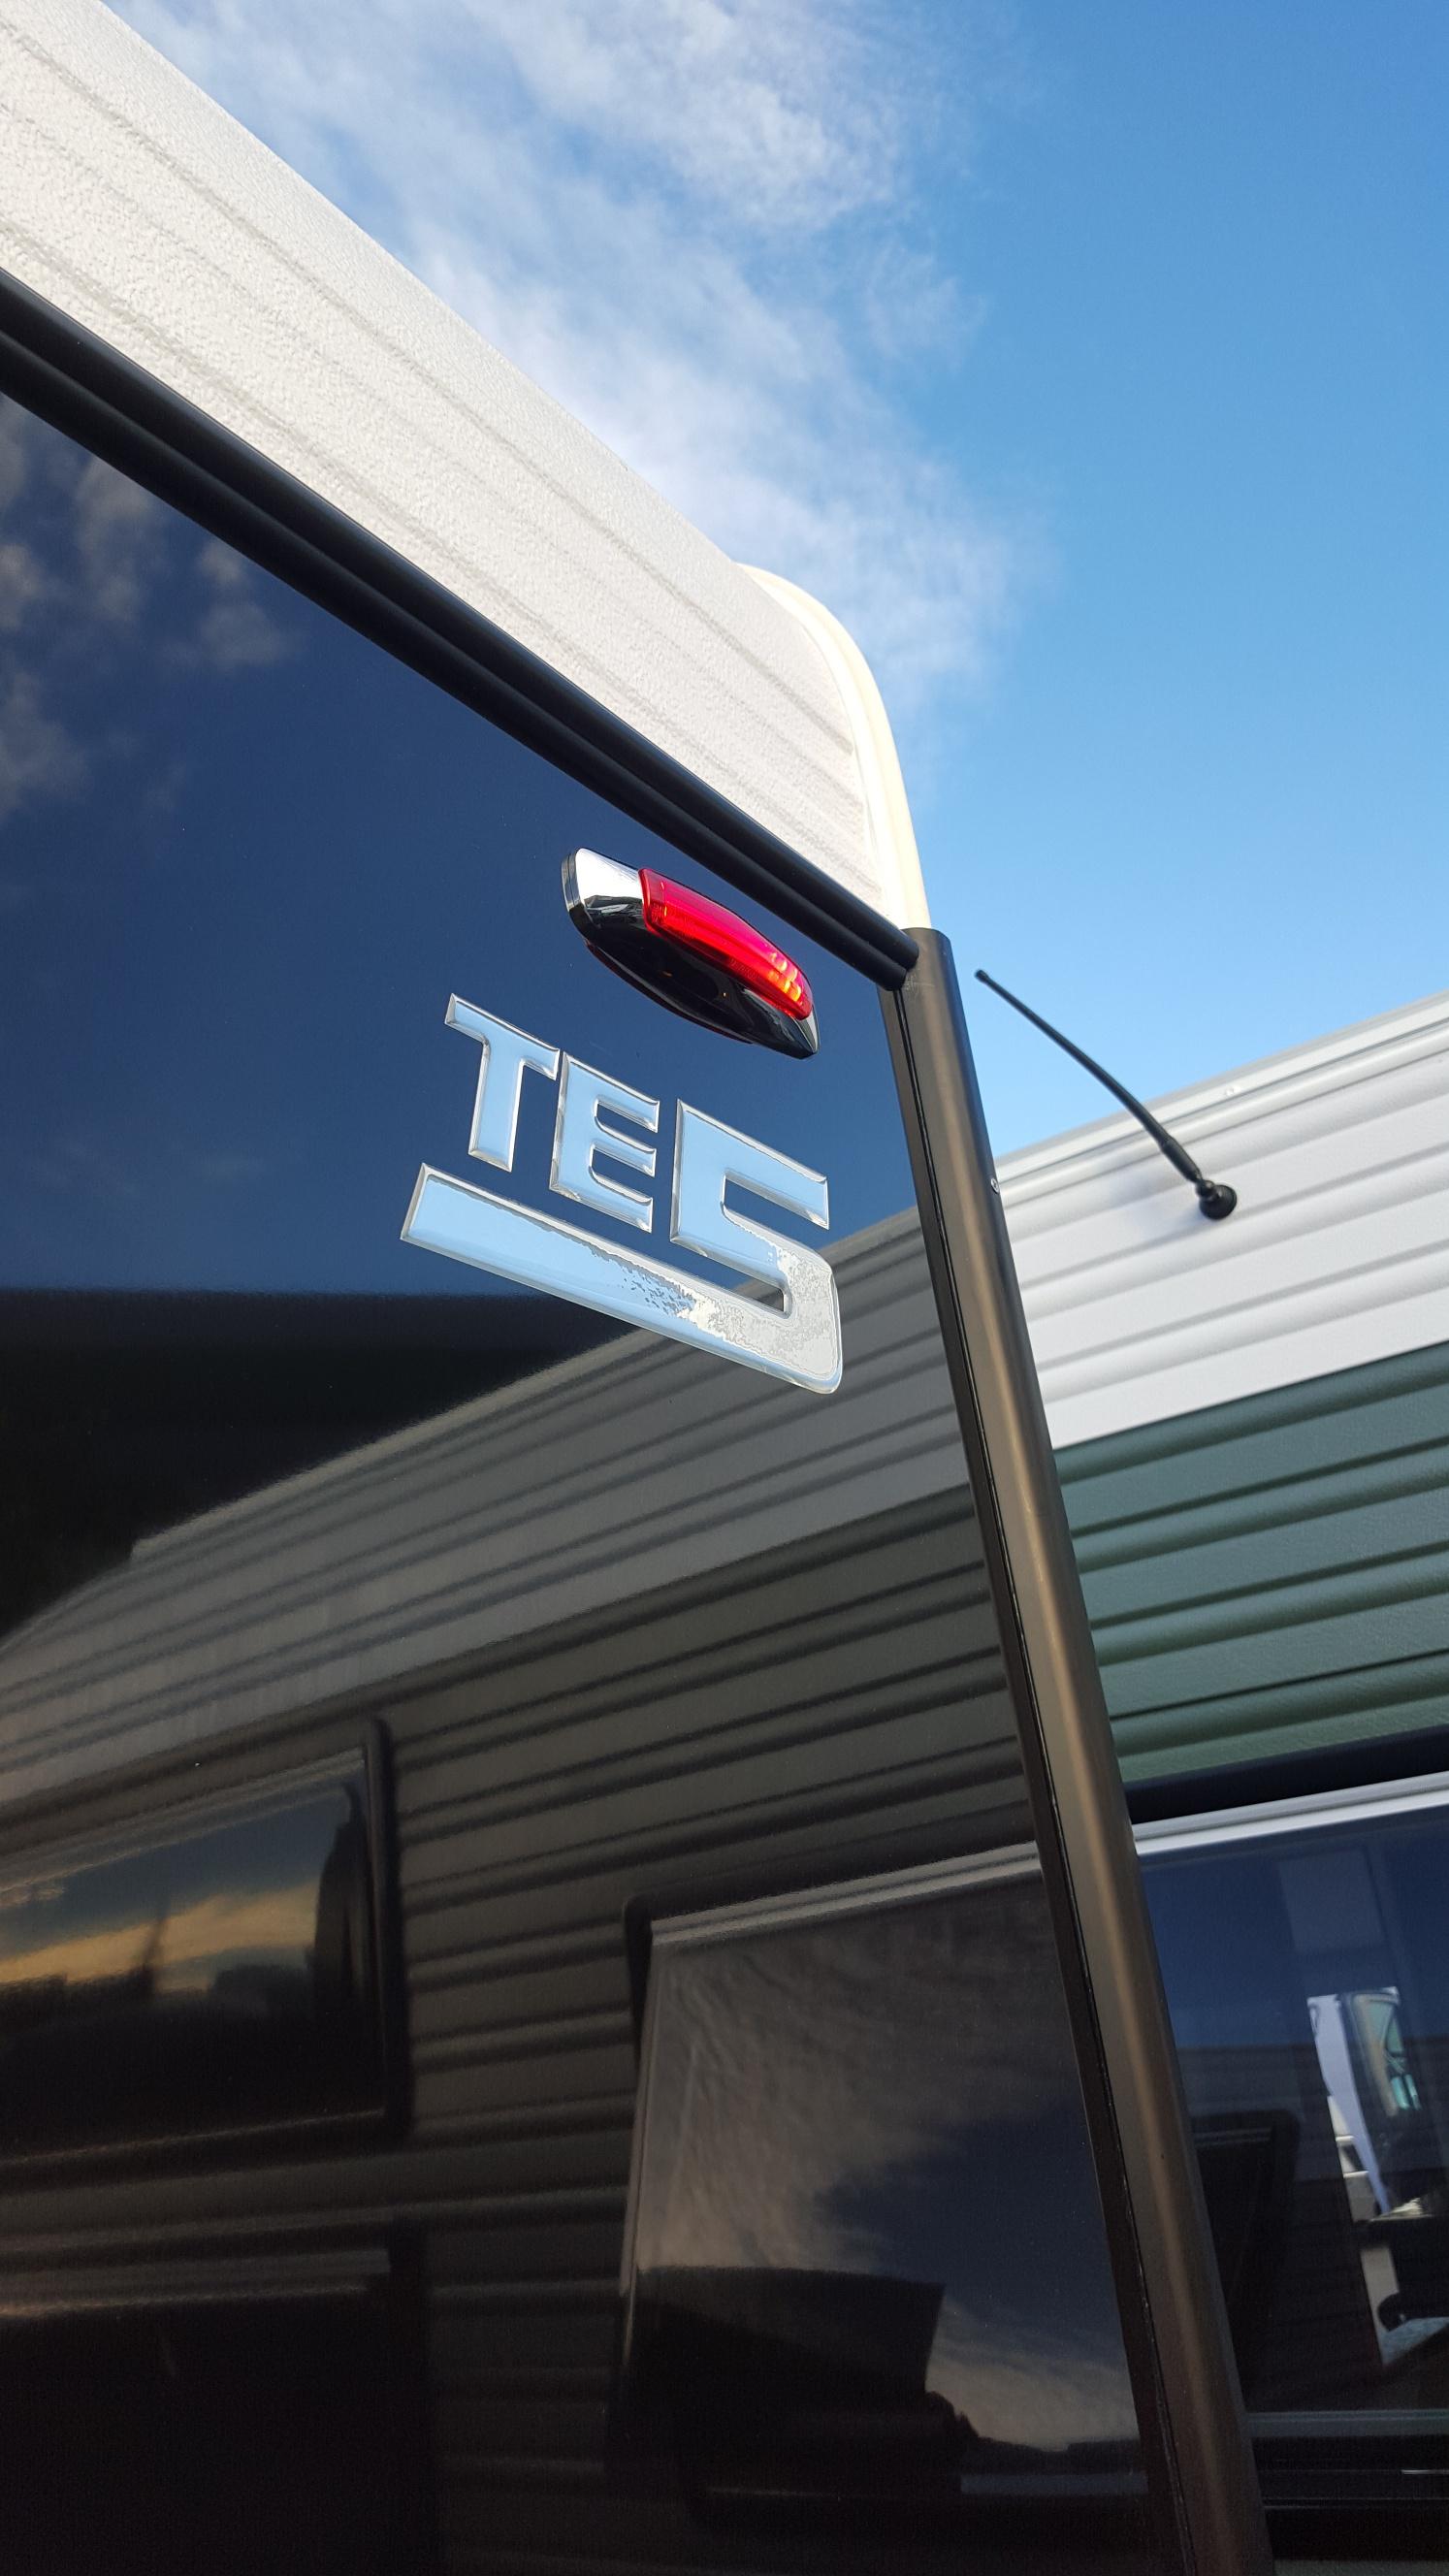 Caravan TE5.jpg